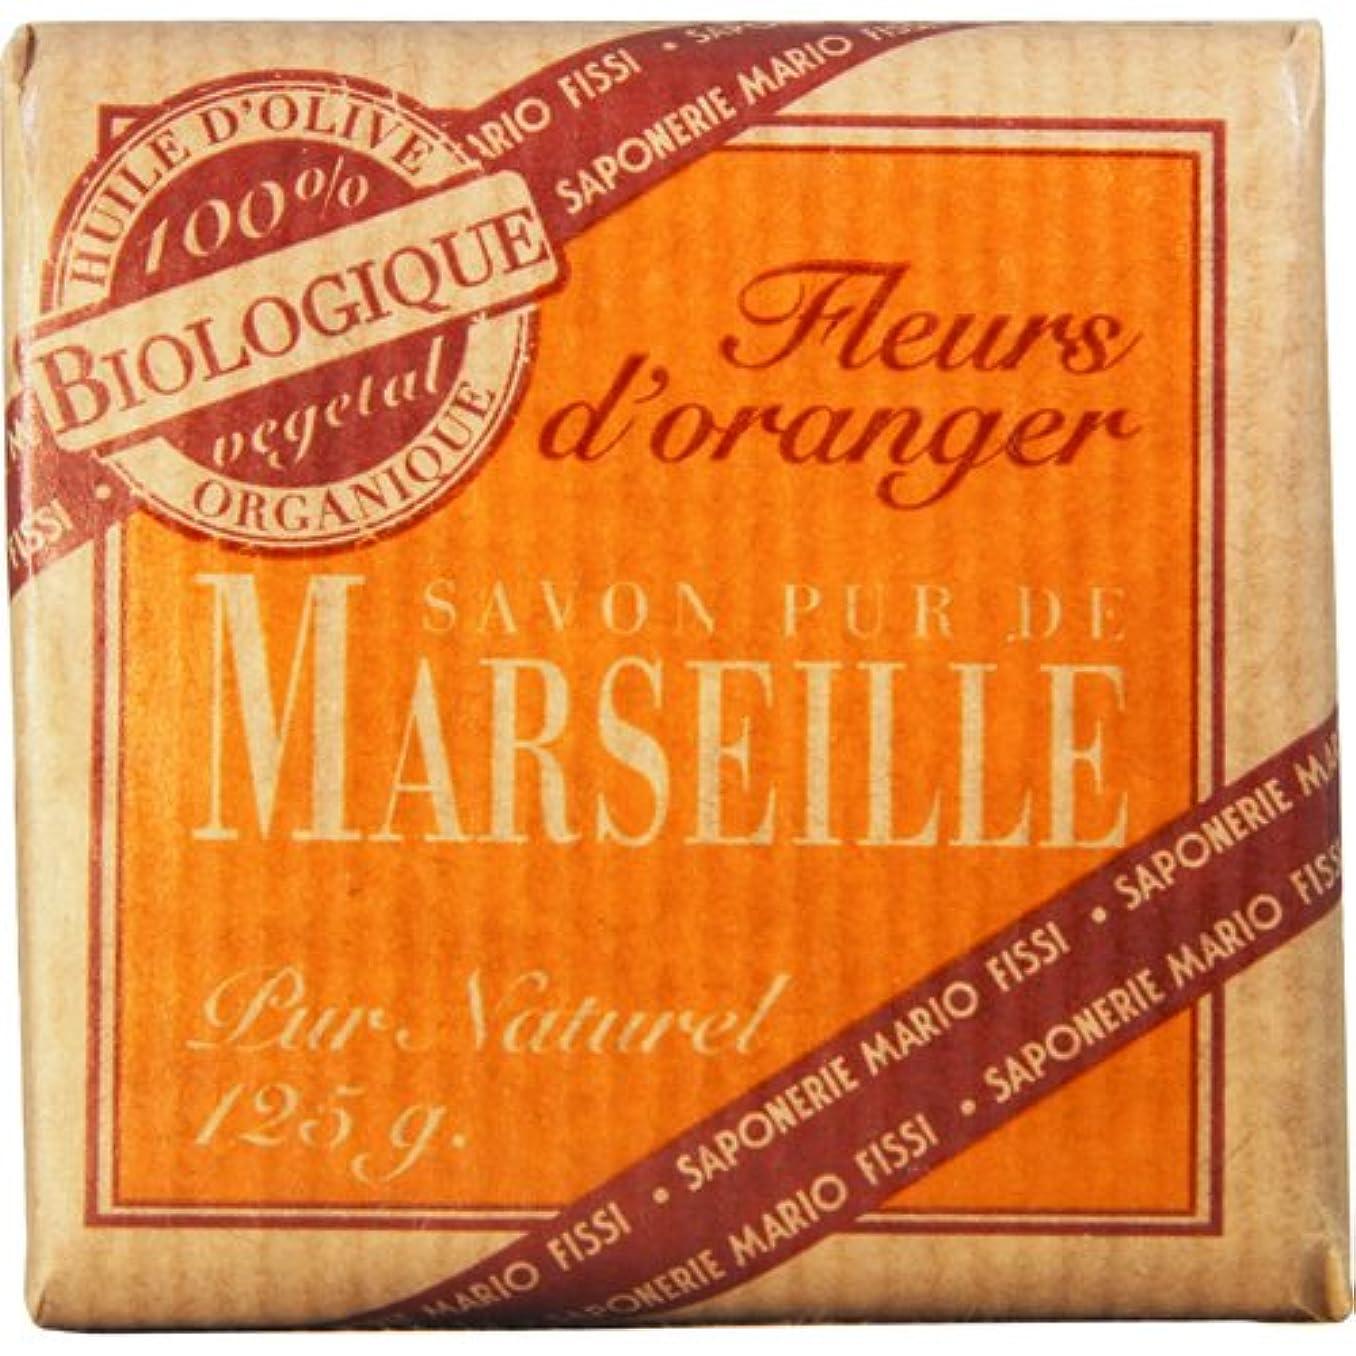 怖い発言するモールス信号Saponerire Fissi マルセイユシリーズ マルセイユソープ 125g Orange Flower オレンジフラワー